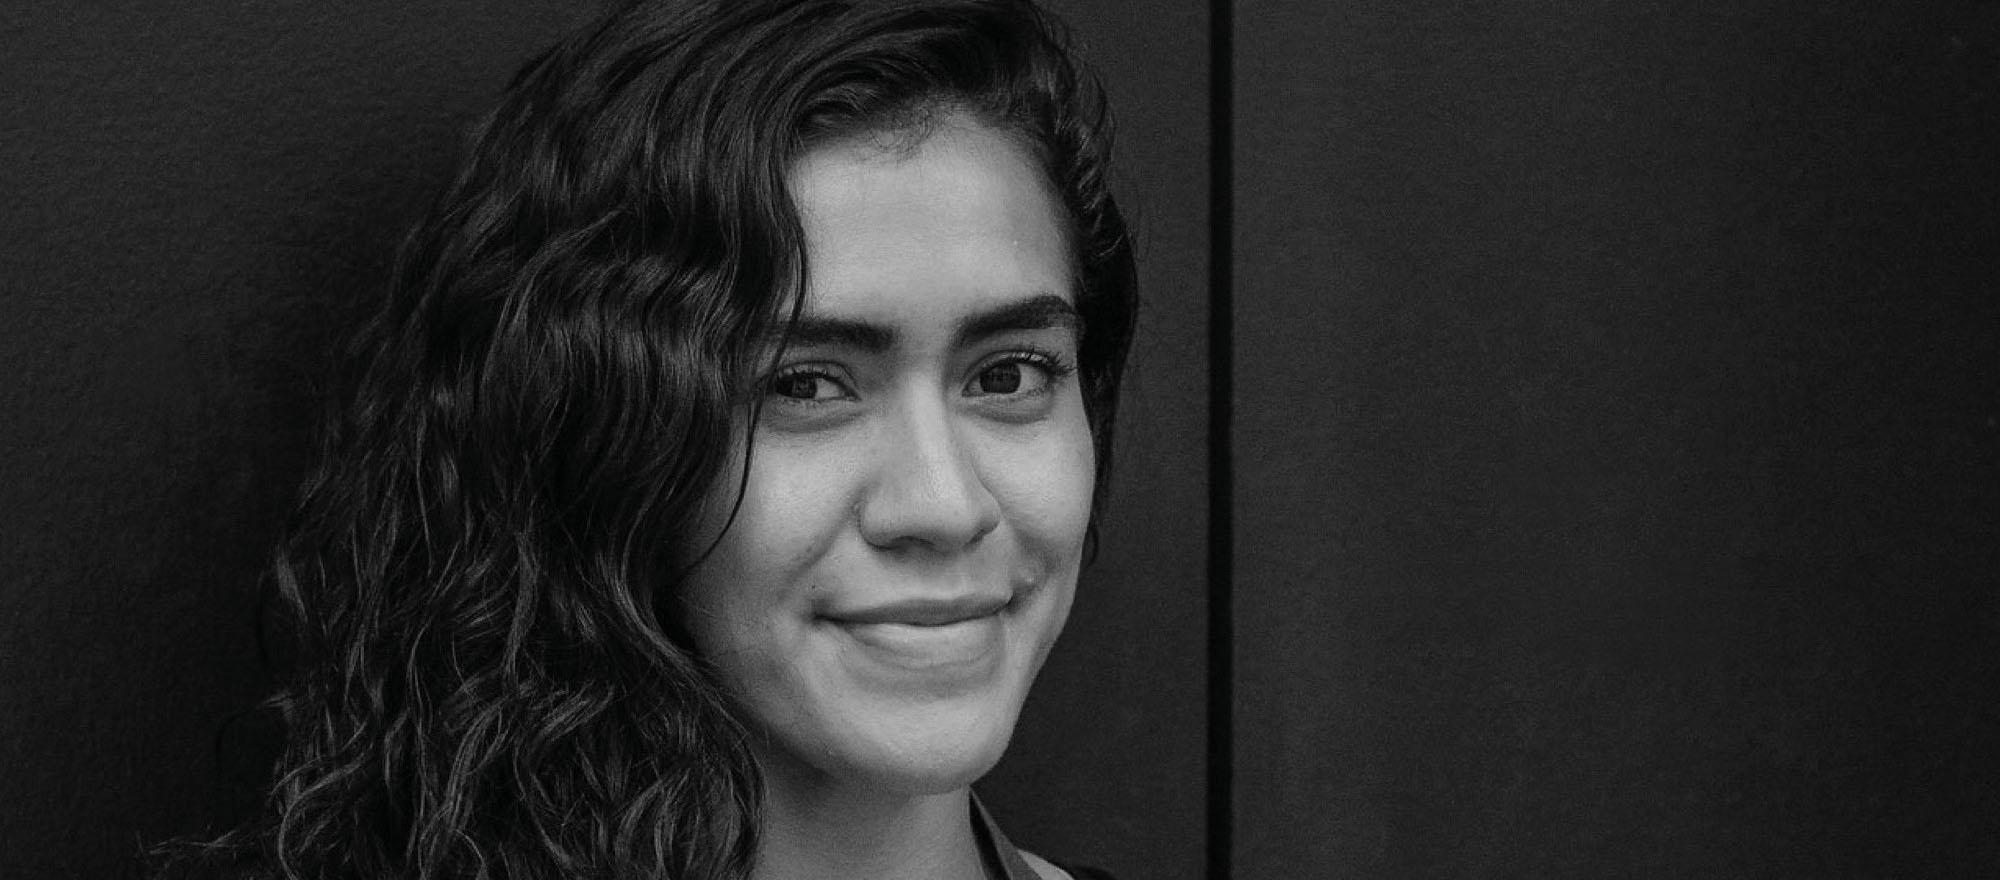 Daniela Soto-Innes miglior cuoca del mondo